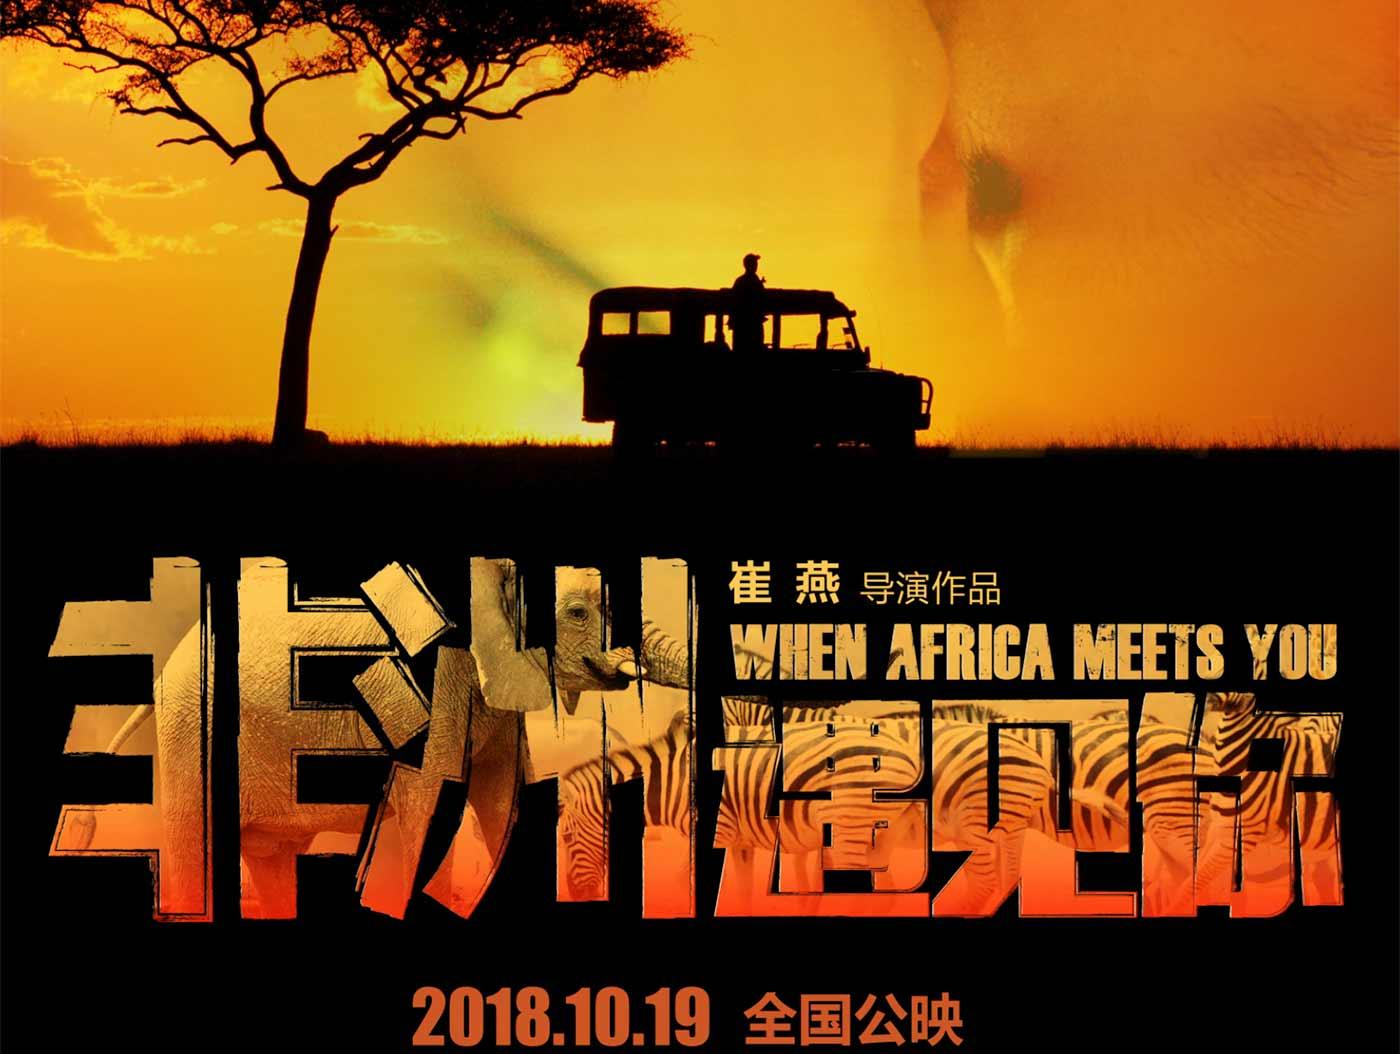 《非洲遇见你》曝终极海报 非洲传奇冒险之旅引猜想